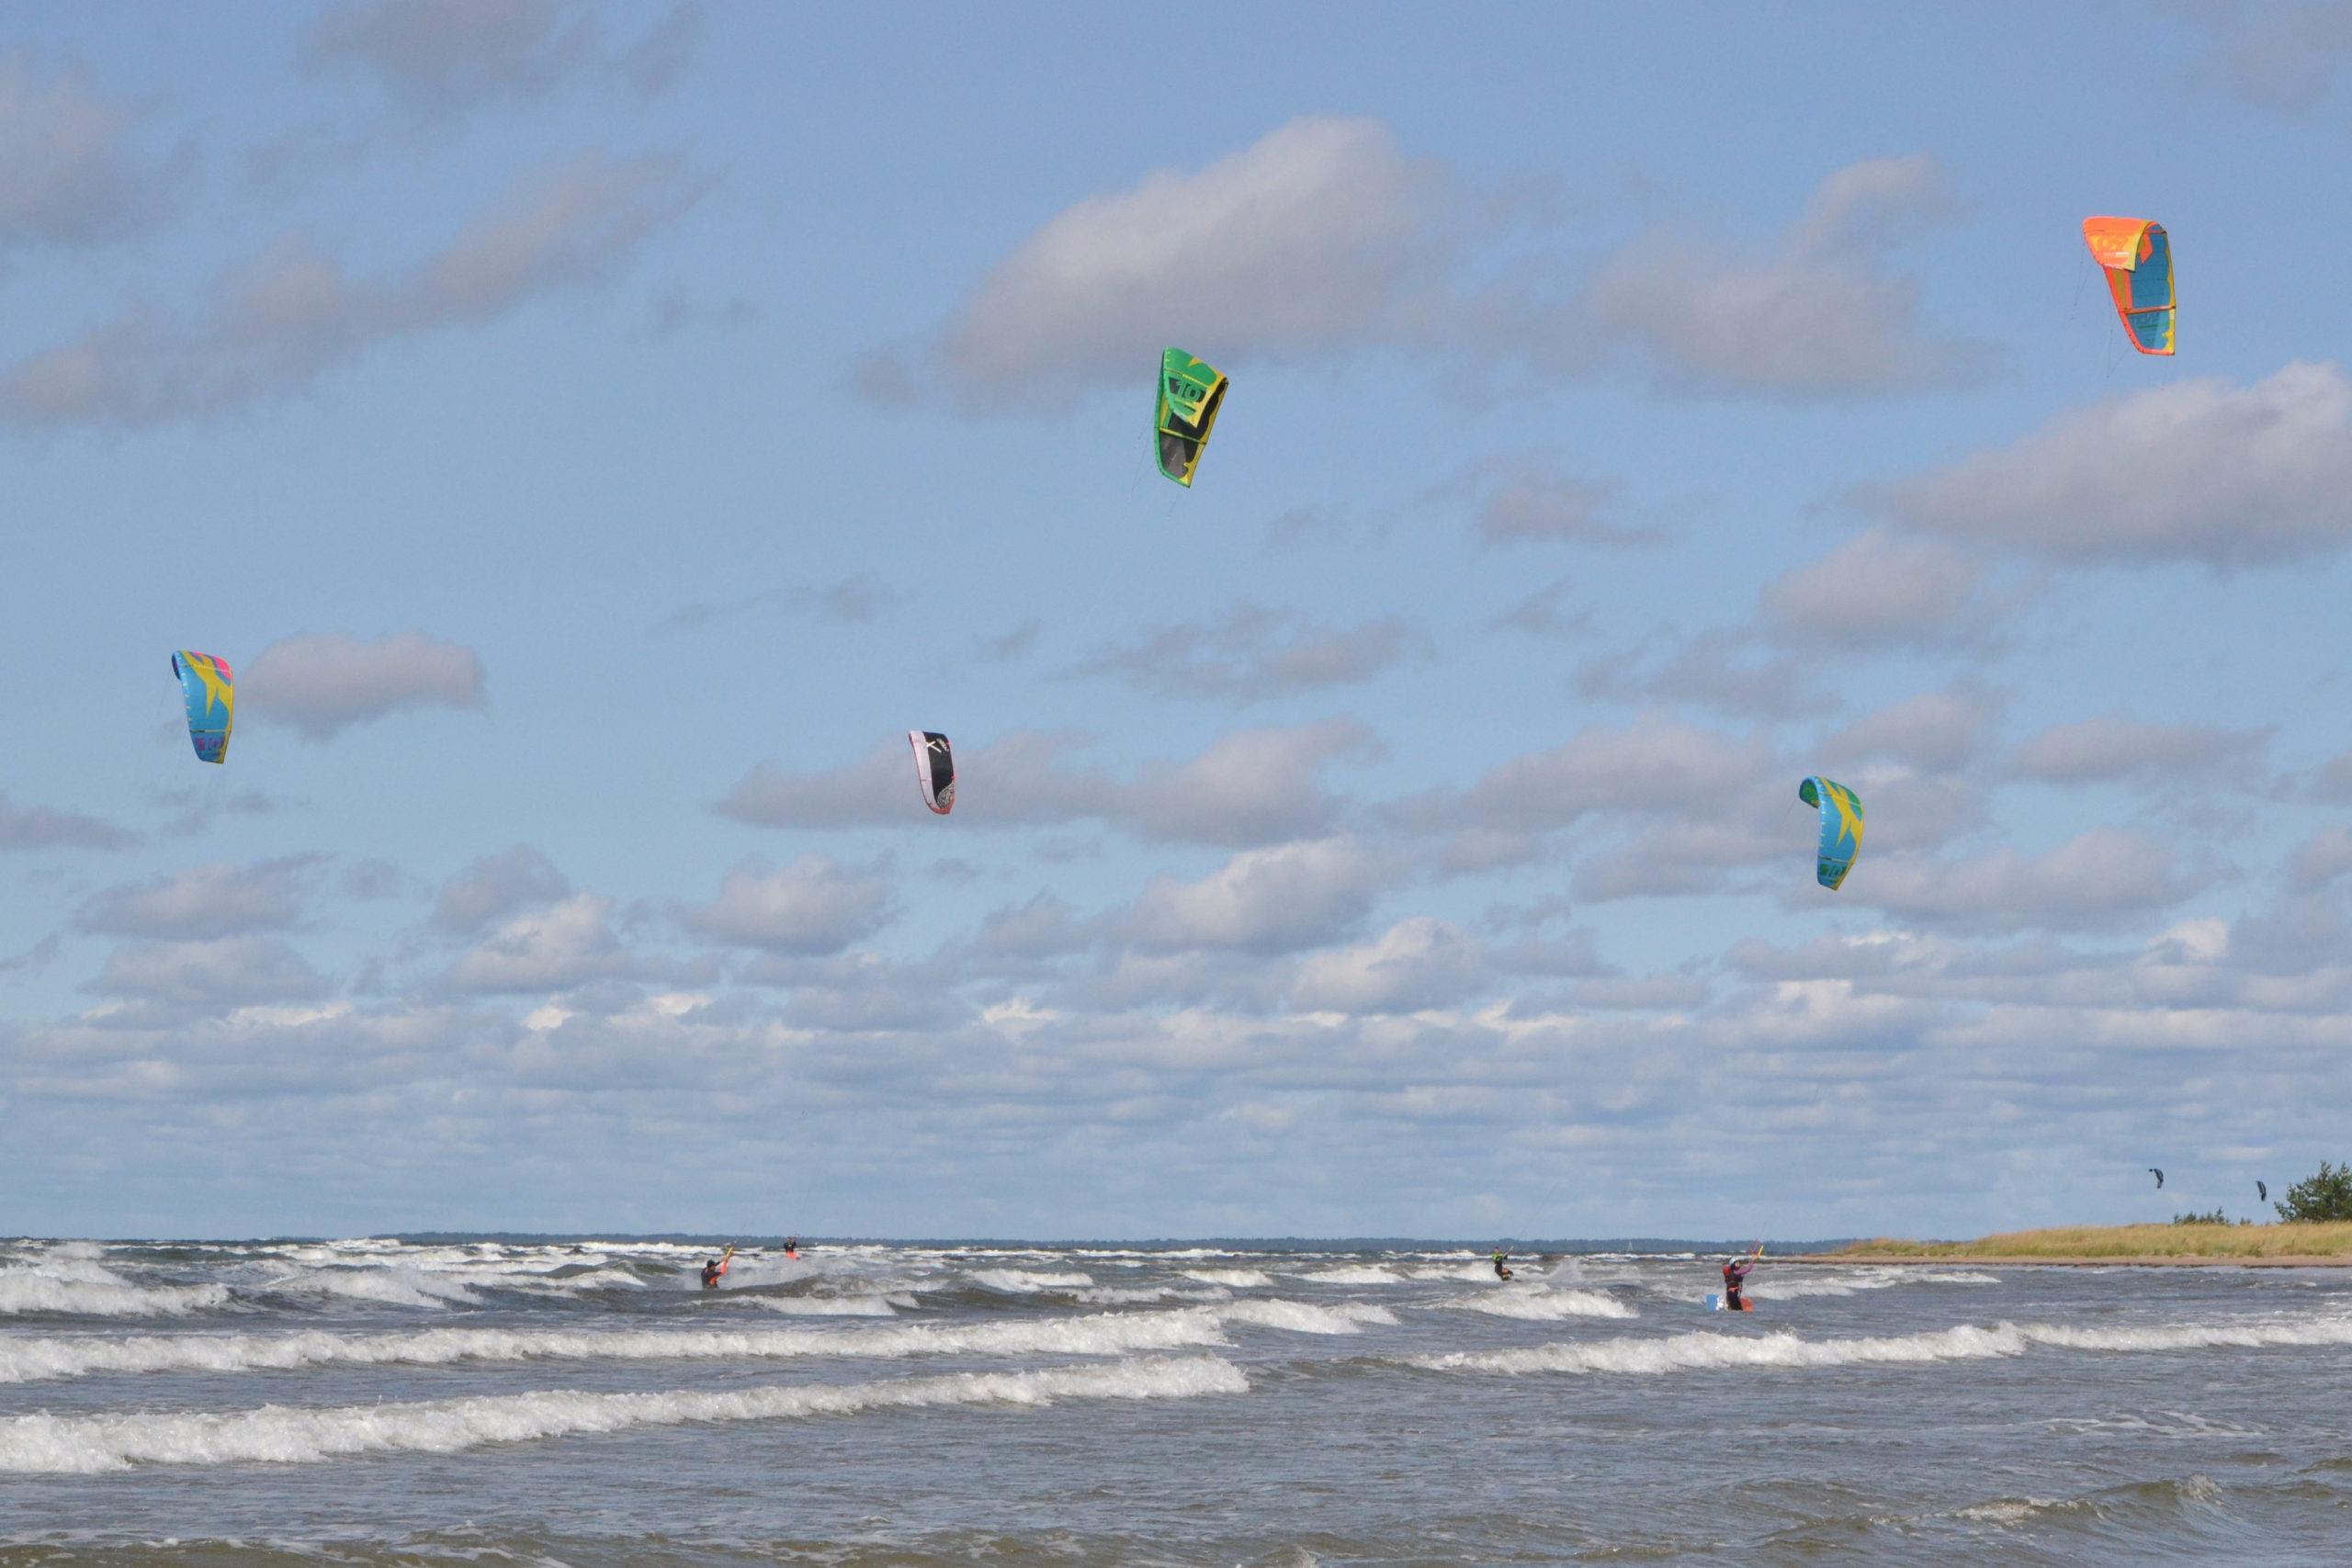 Tuhkana rand on hea koht surfamiseks